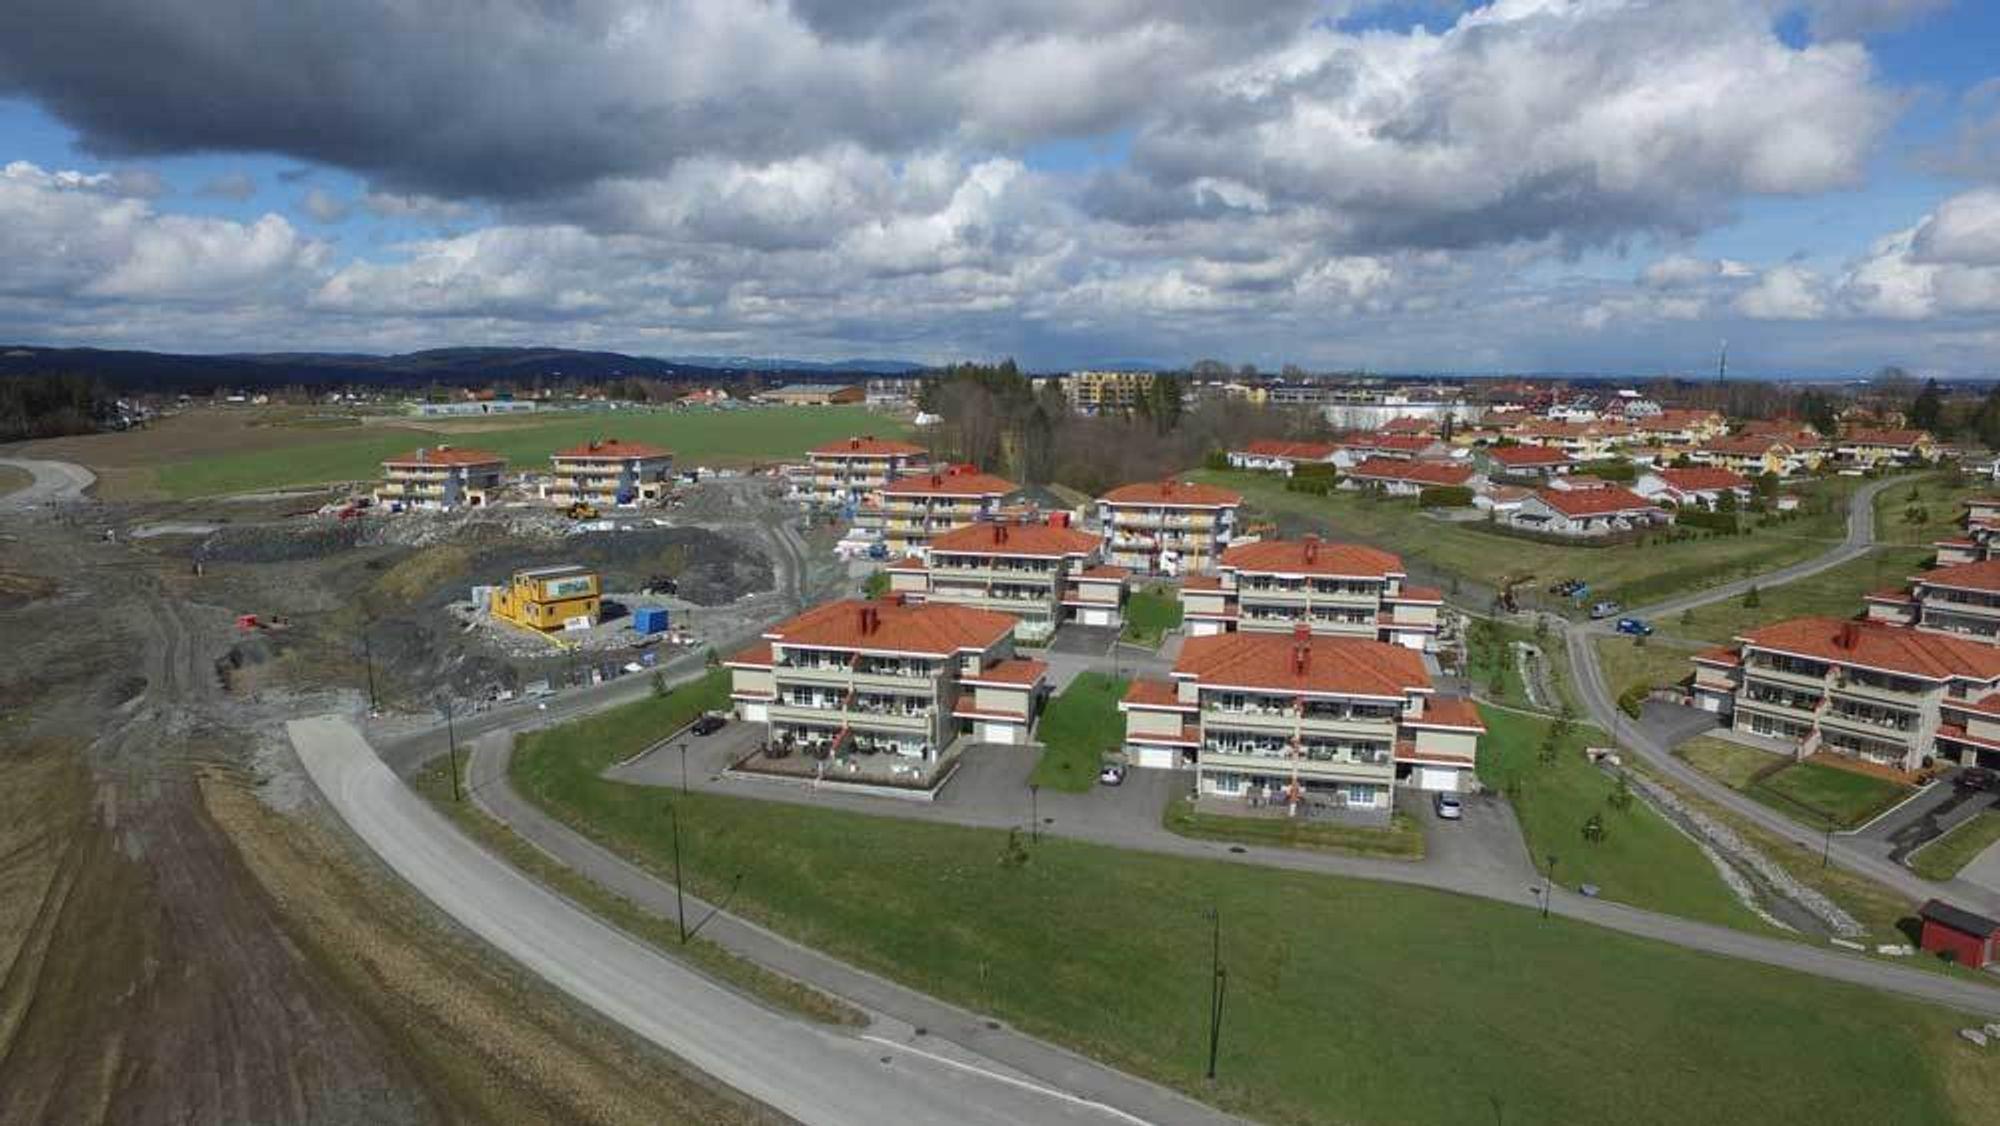 Boligprosjektet Nystulia i Gjerdrum kommune var et av Nygaard Byggs mange referanseprosjekter.